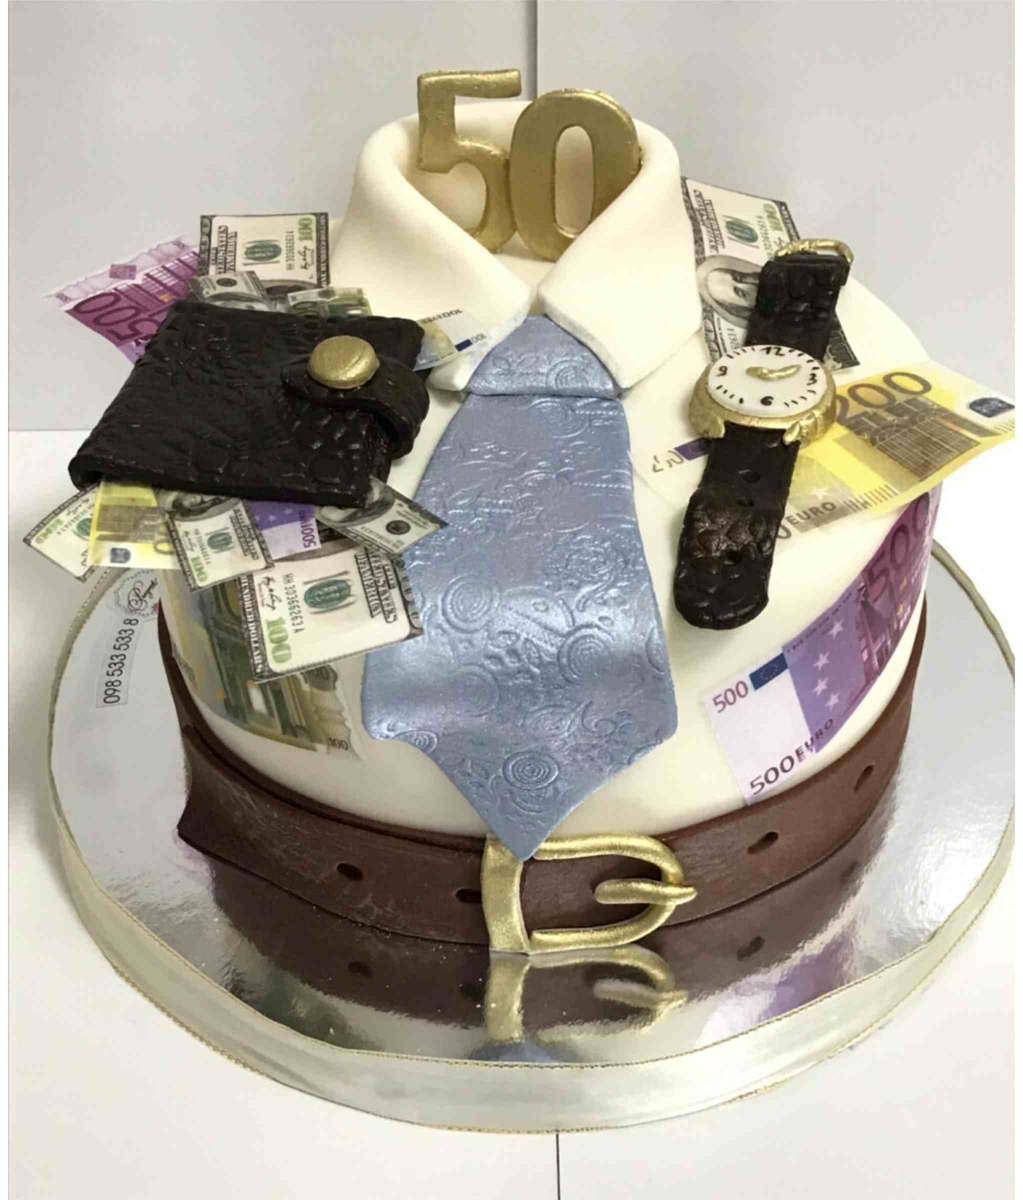 Мужской торт.Торт для мужчины на день рождение